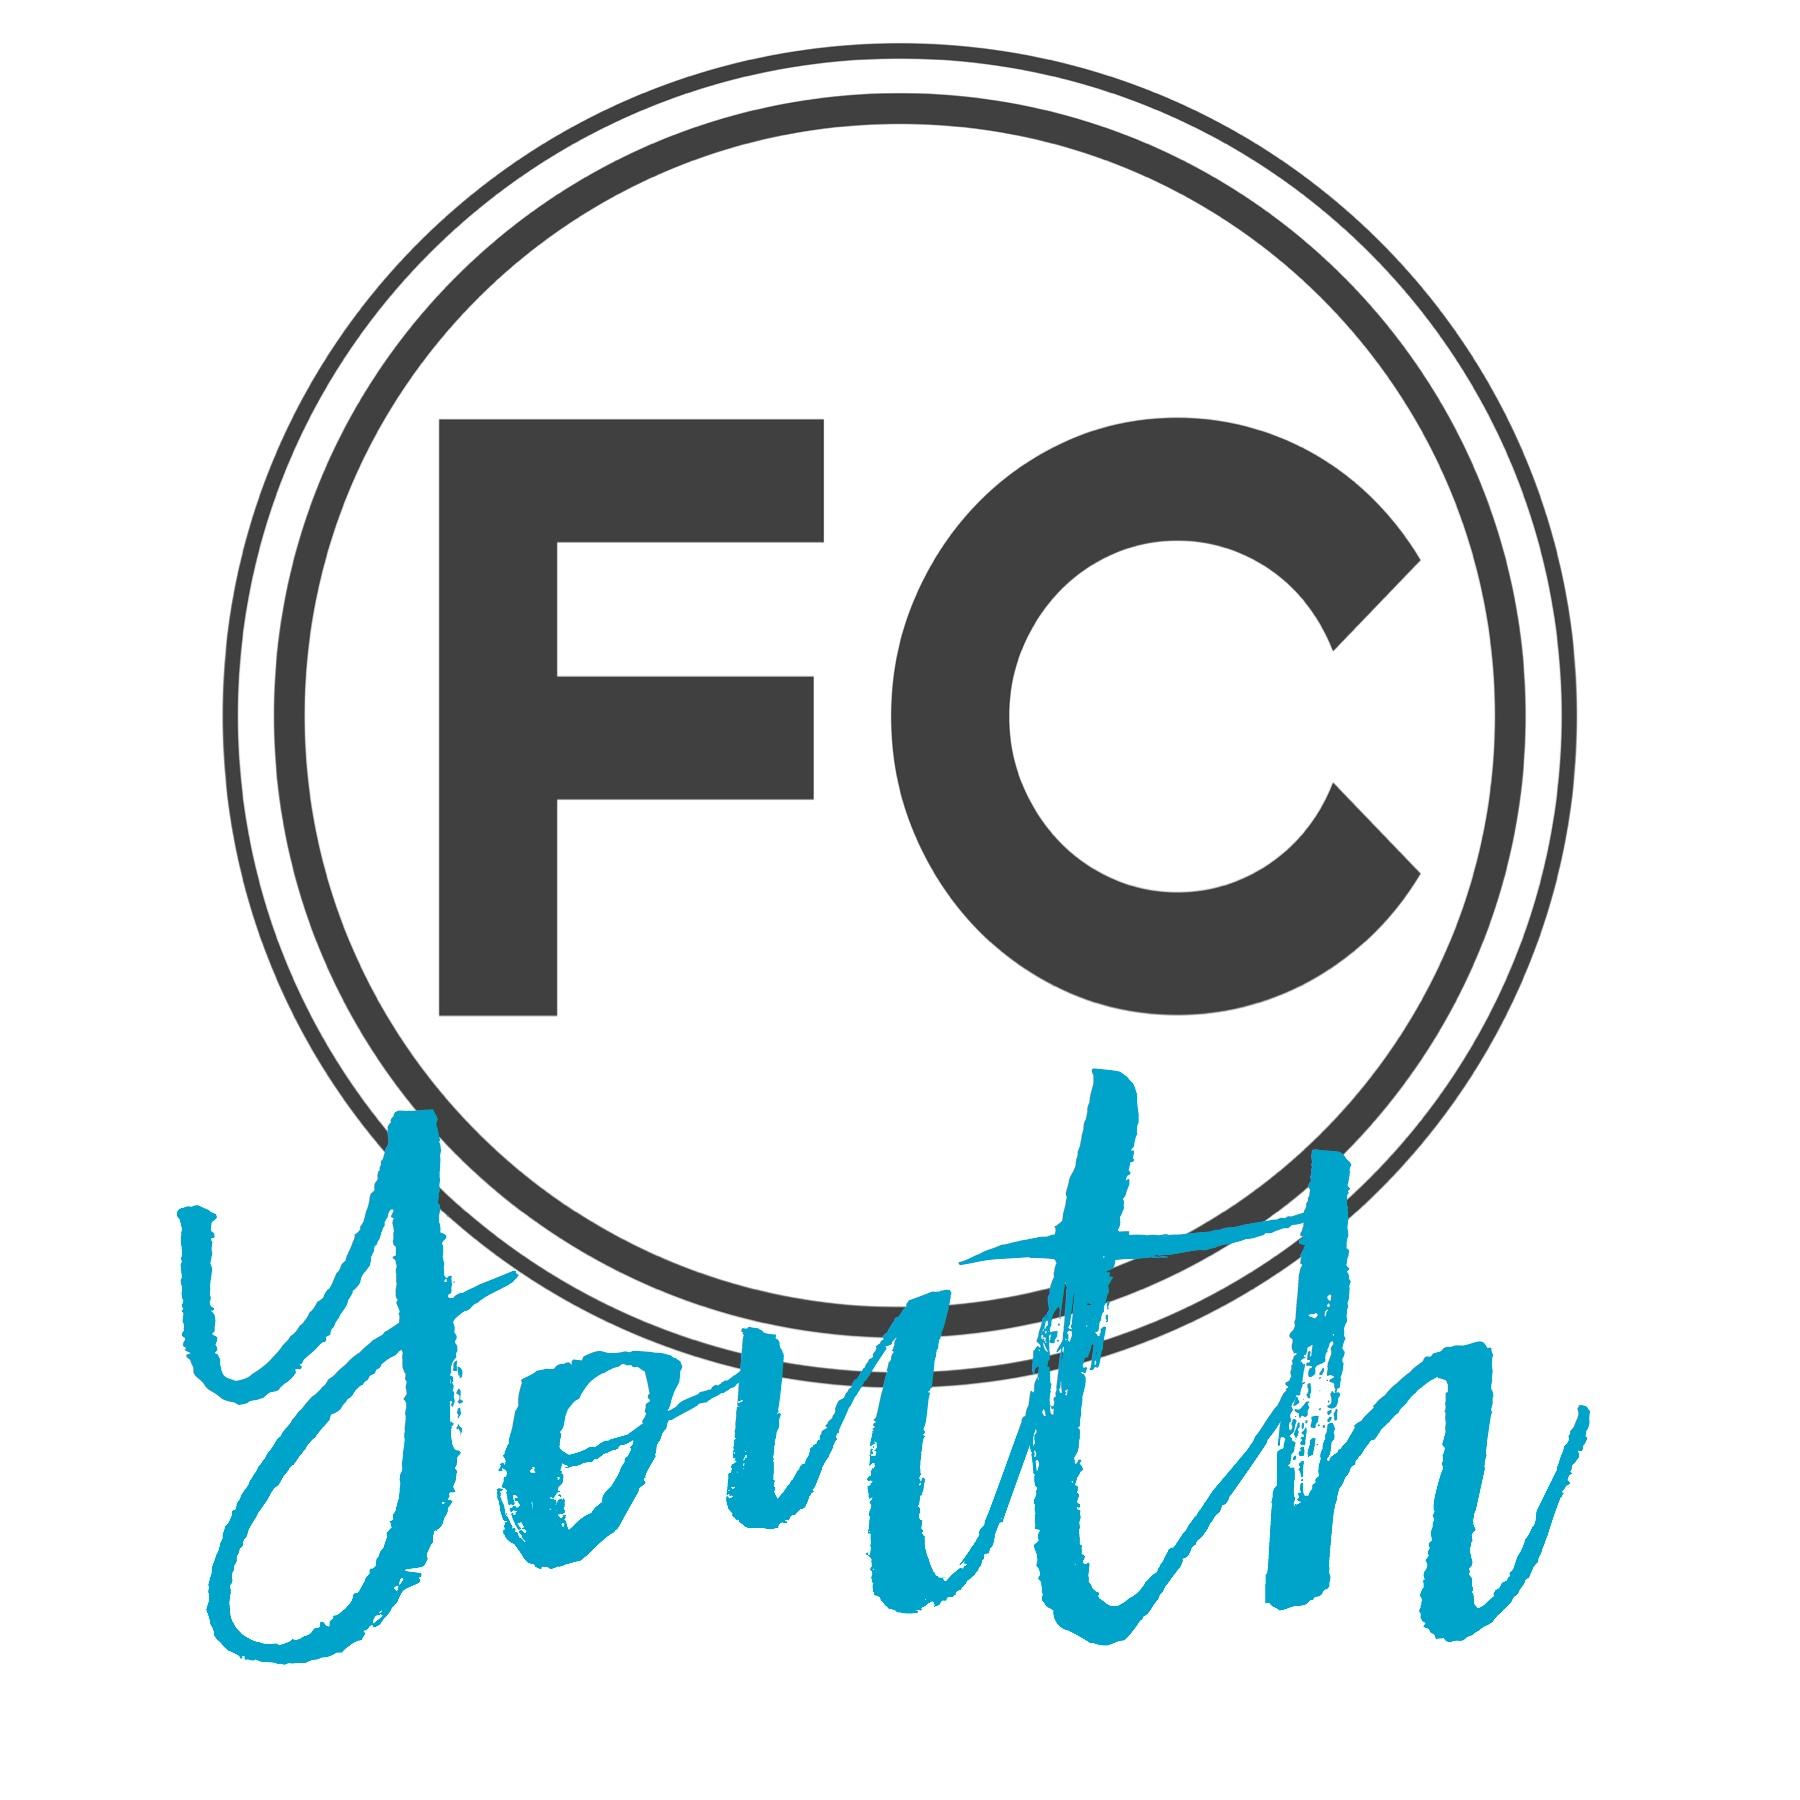 New FC Youth Logo (blue).jpg